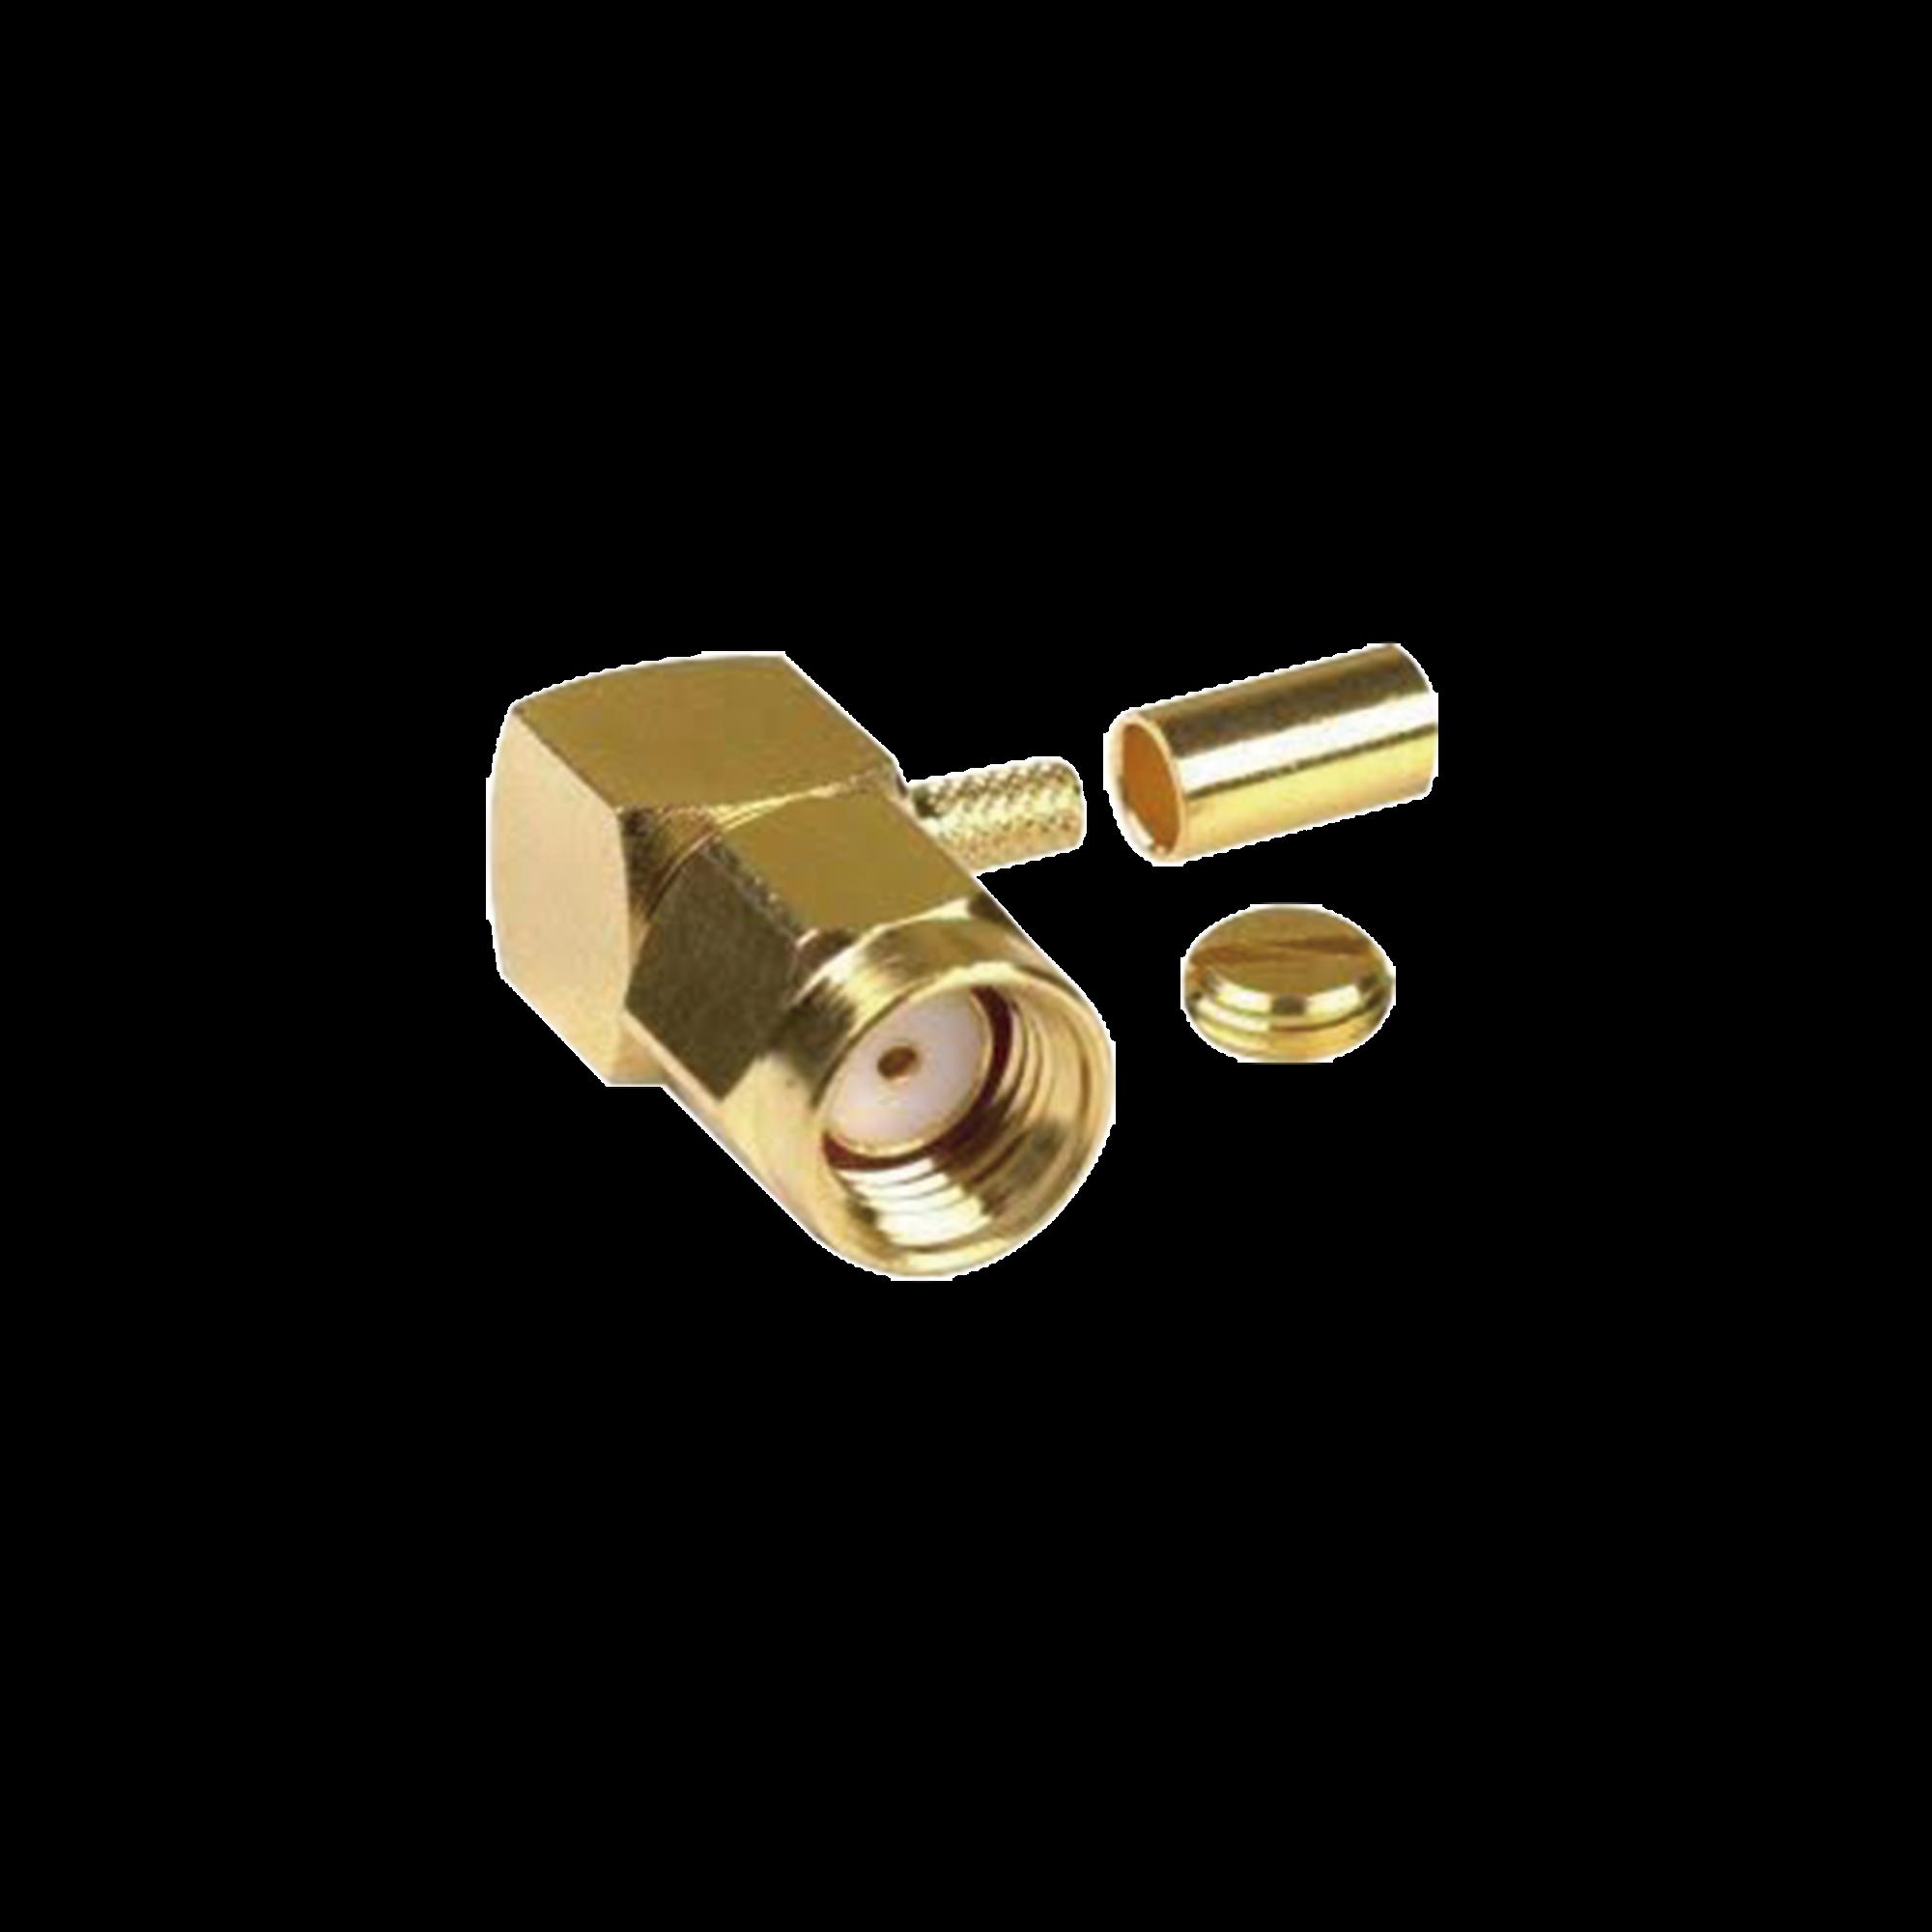 Conector SMA Macho Inverso en Angulo Recto, de Anillo plegable/ RG-174/U, BELDEN 8216, Au/Au/Teflón.